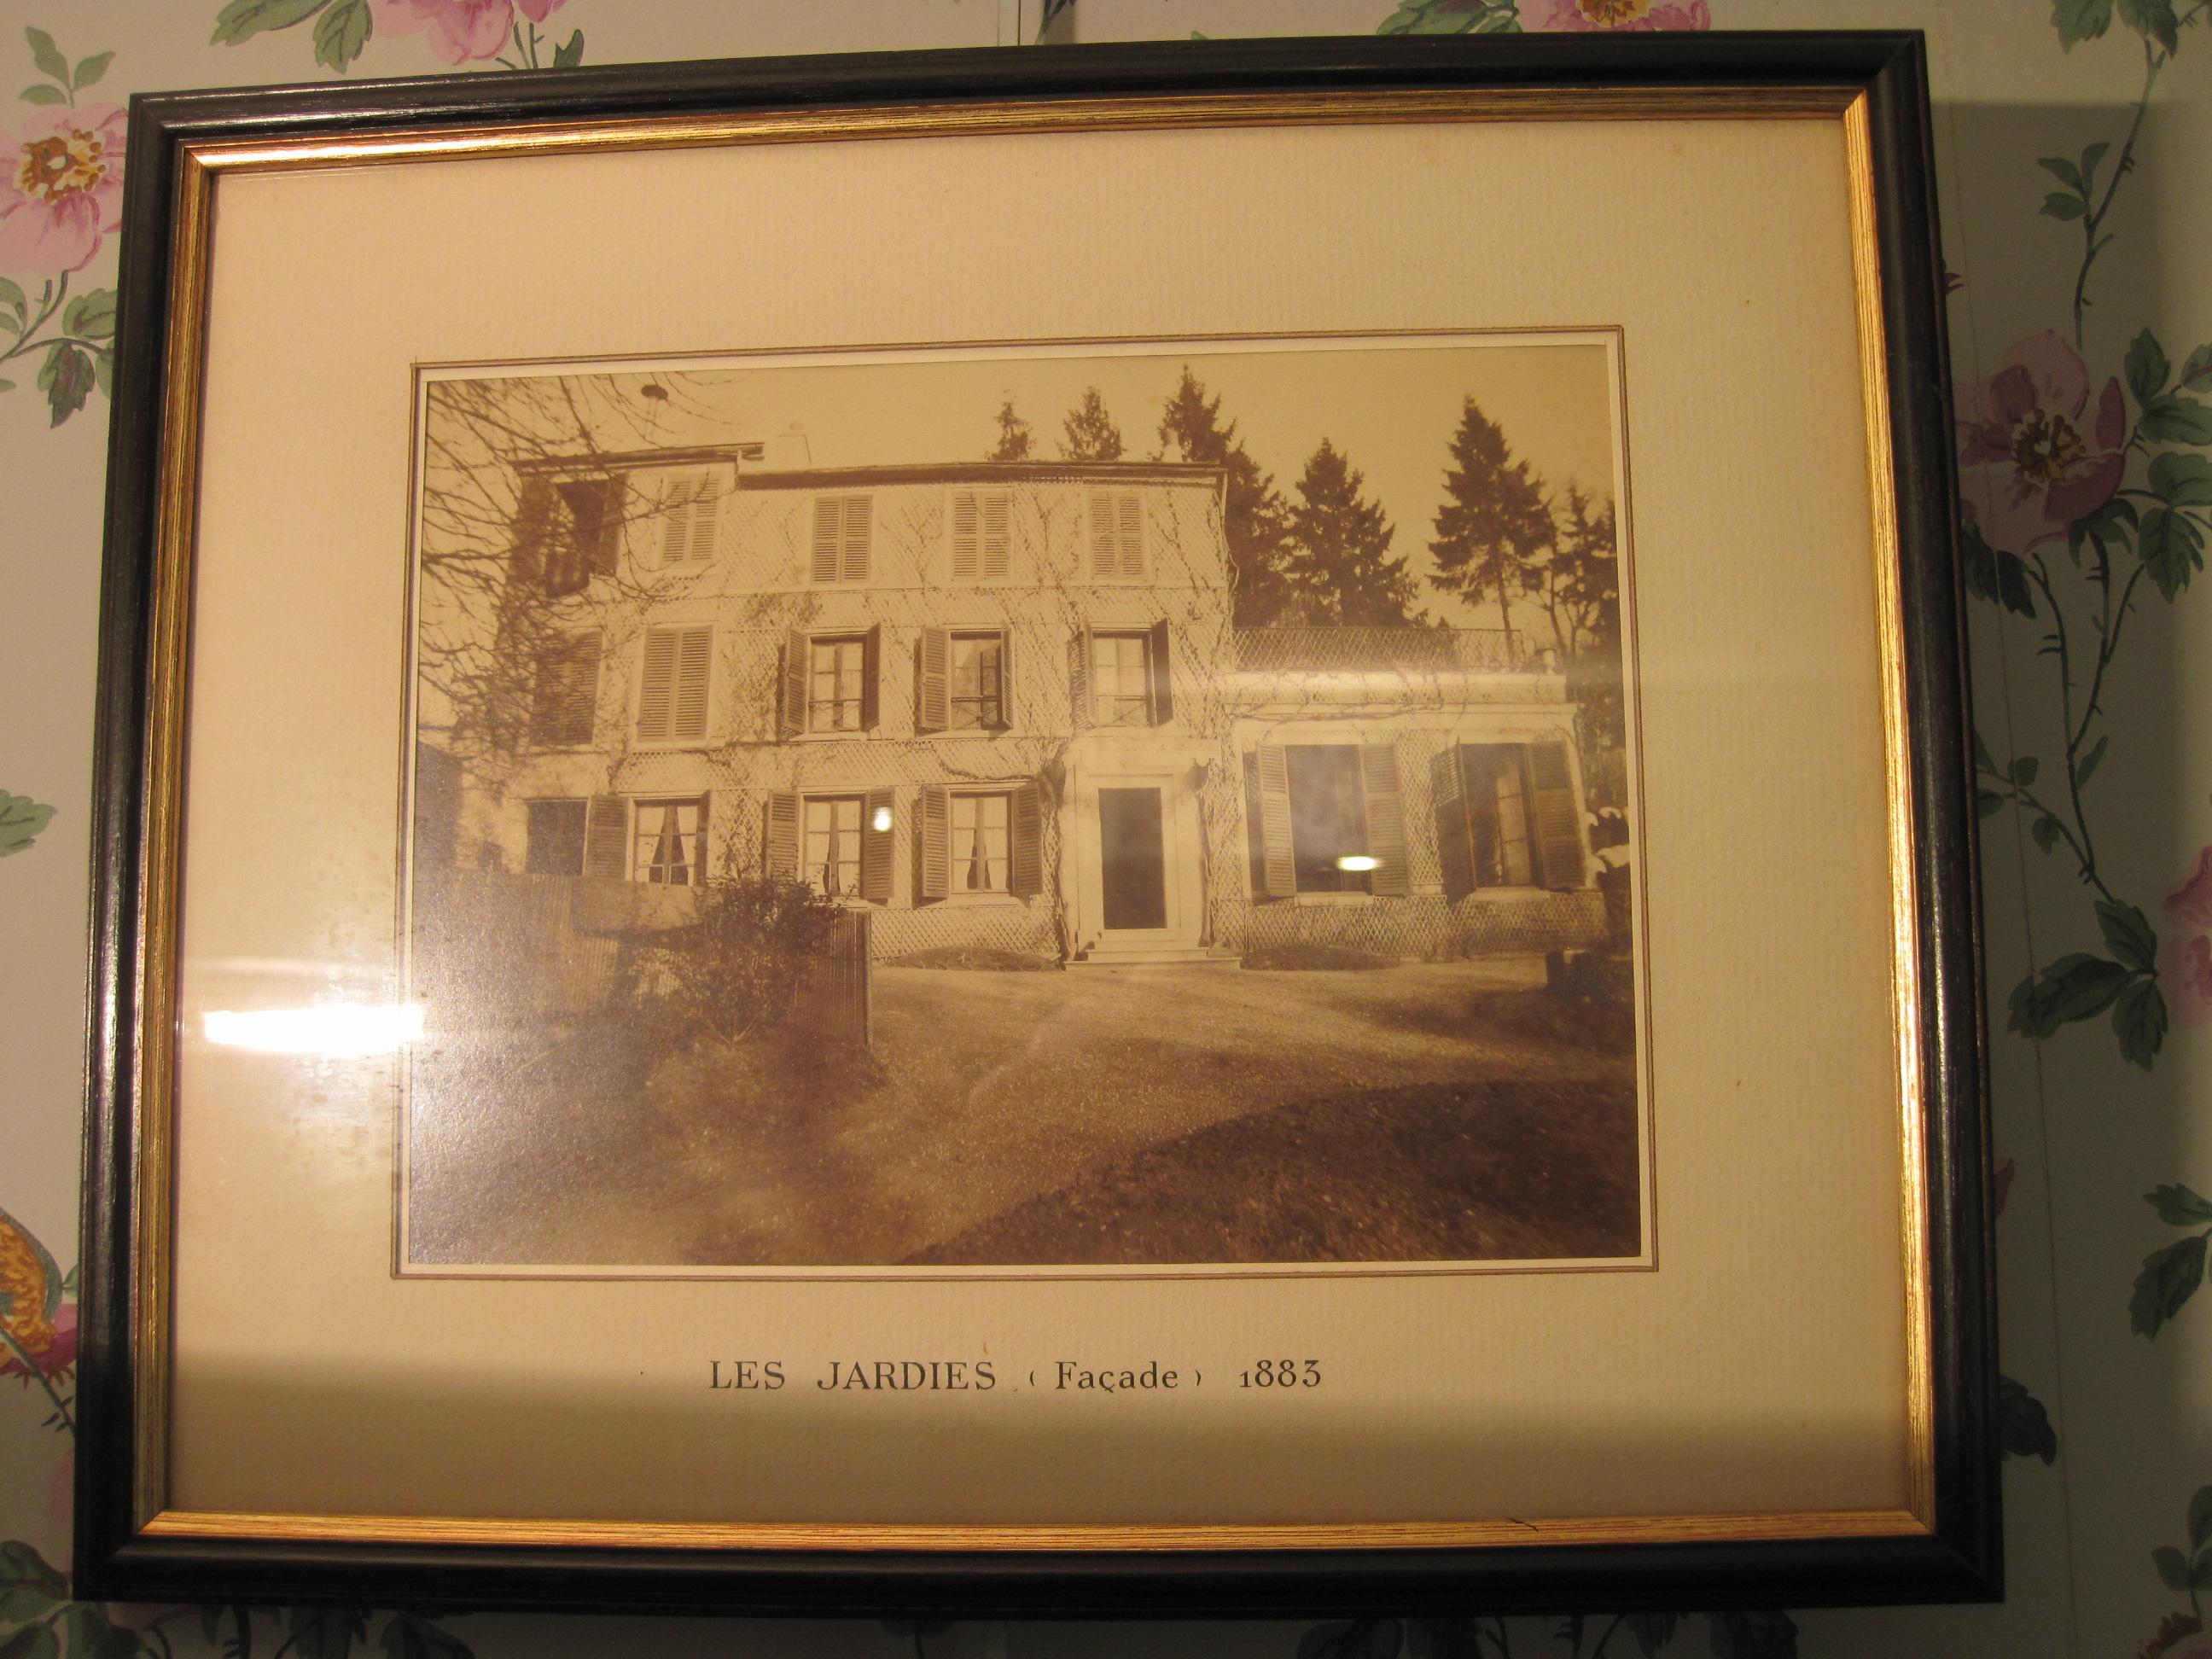 Photographie : façade Maison des Jardies 1883